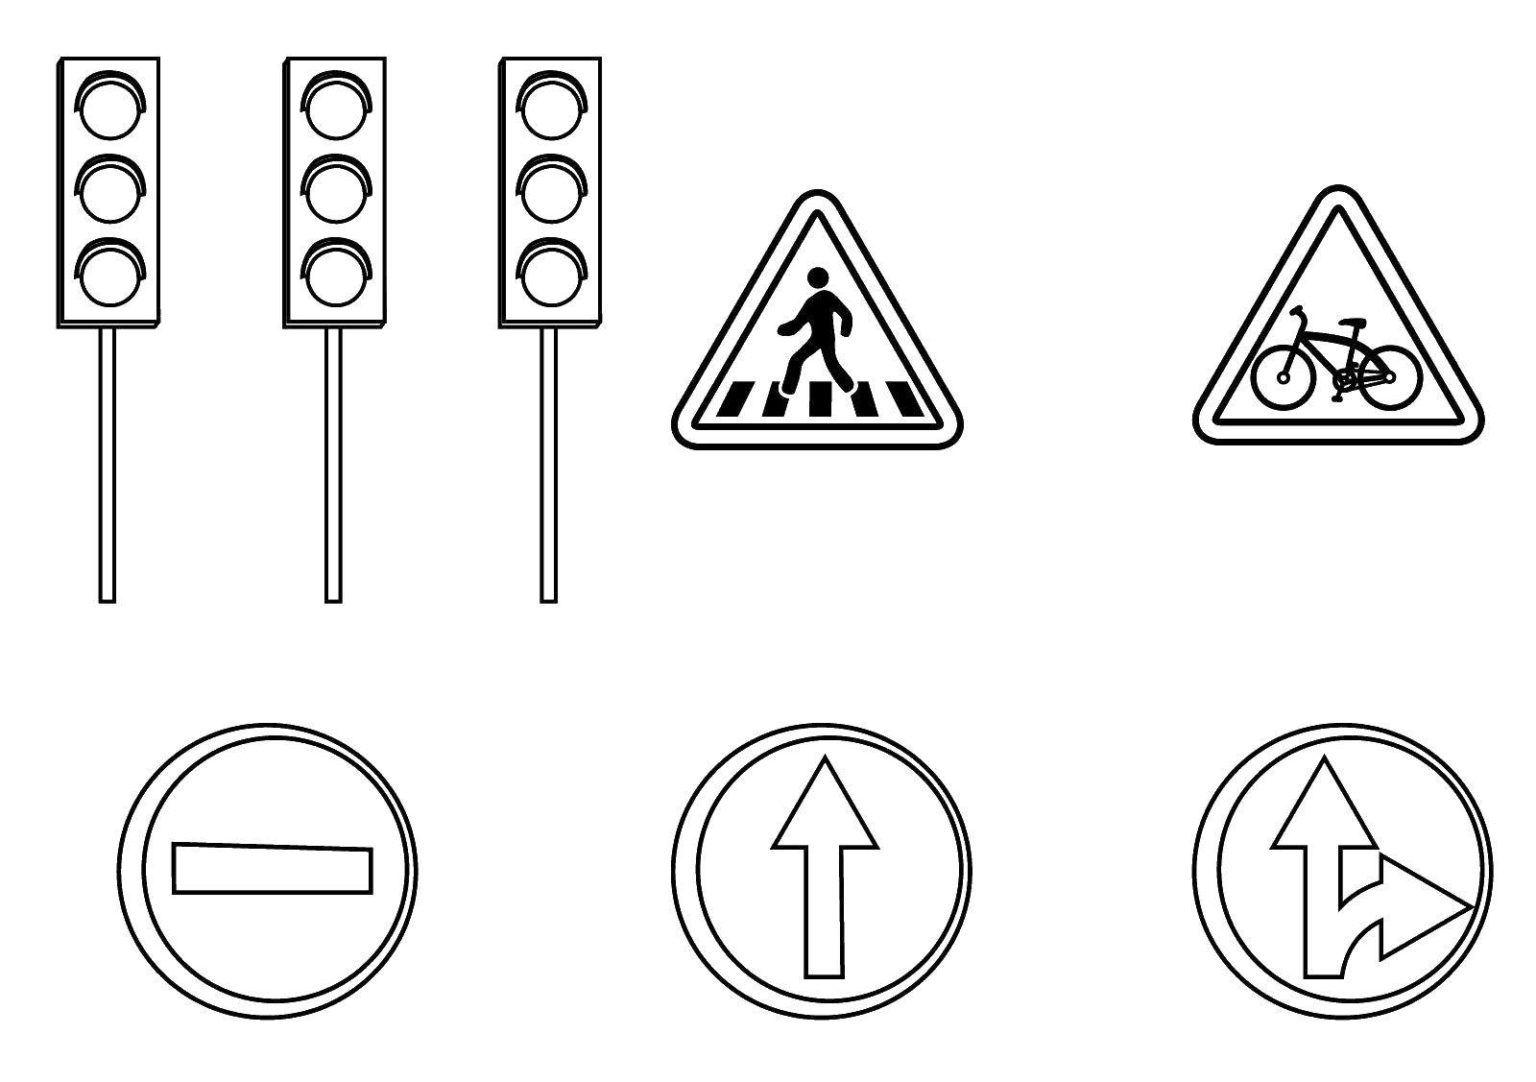 Tranh tô màu đèn và những biển báo giao thông quen thuộc